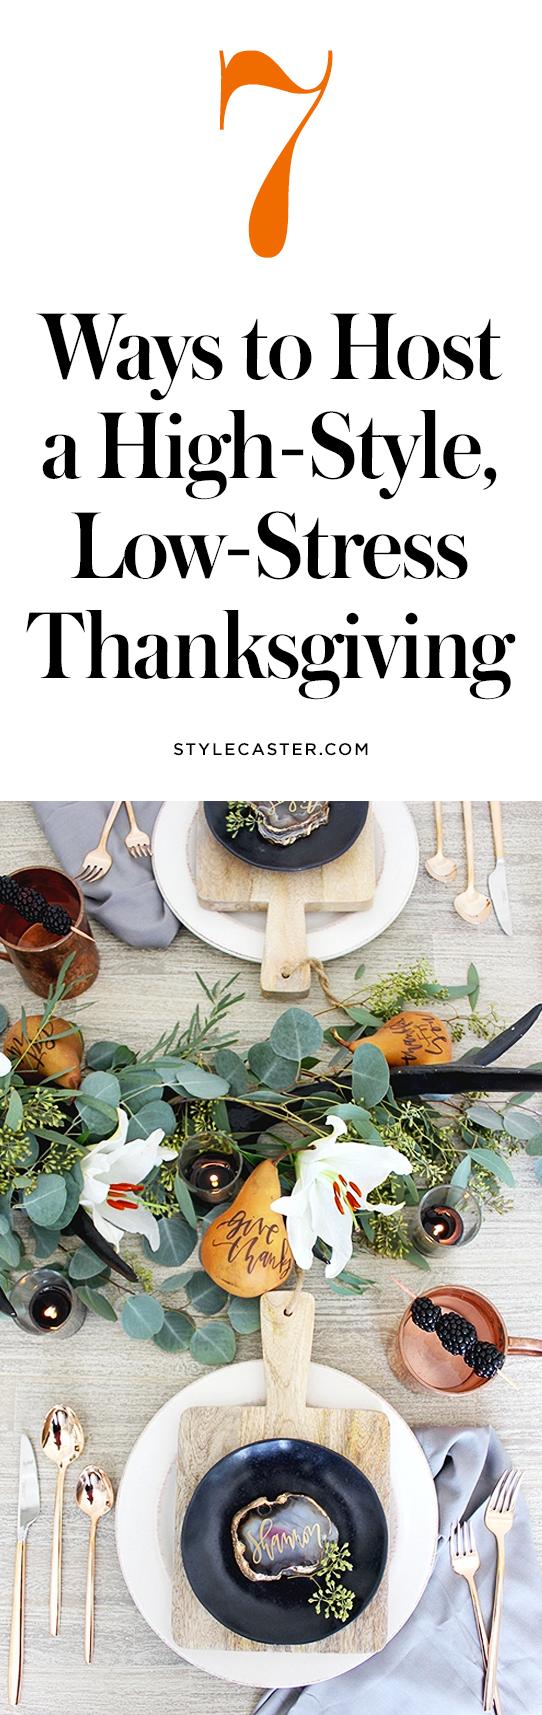 Tips on how to host Thanksgiving dinner | @stylecaster